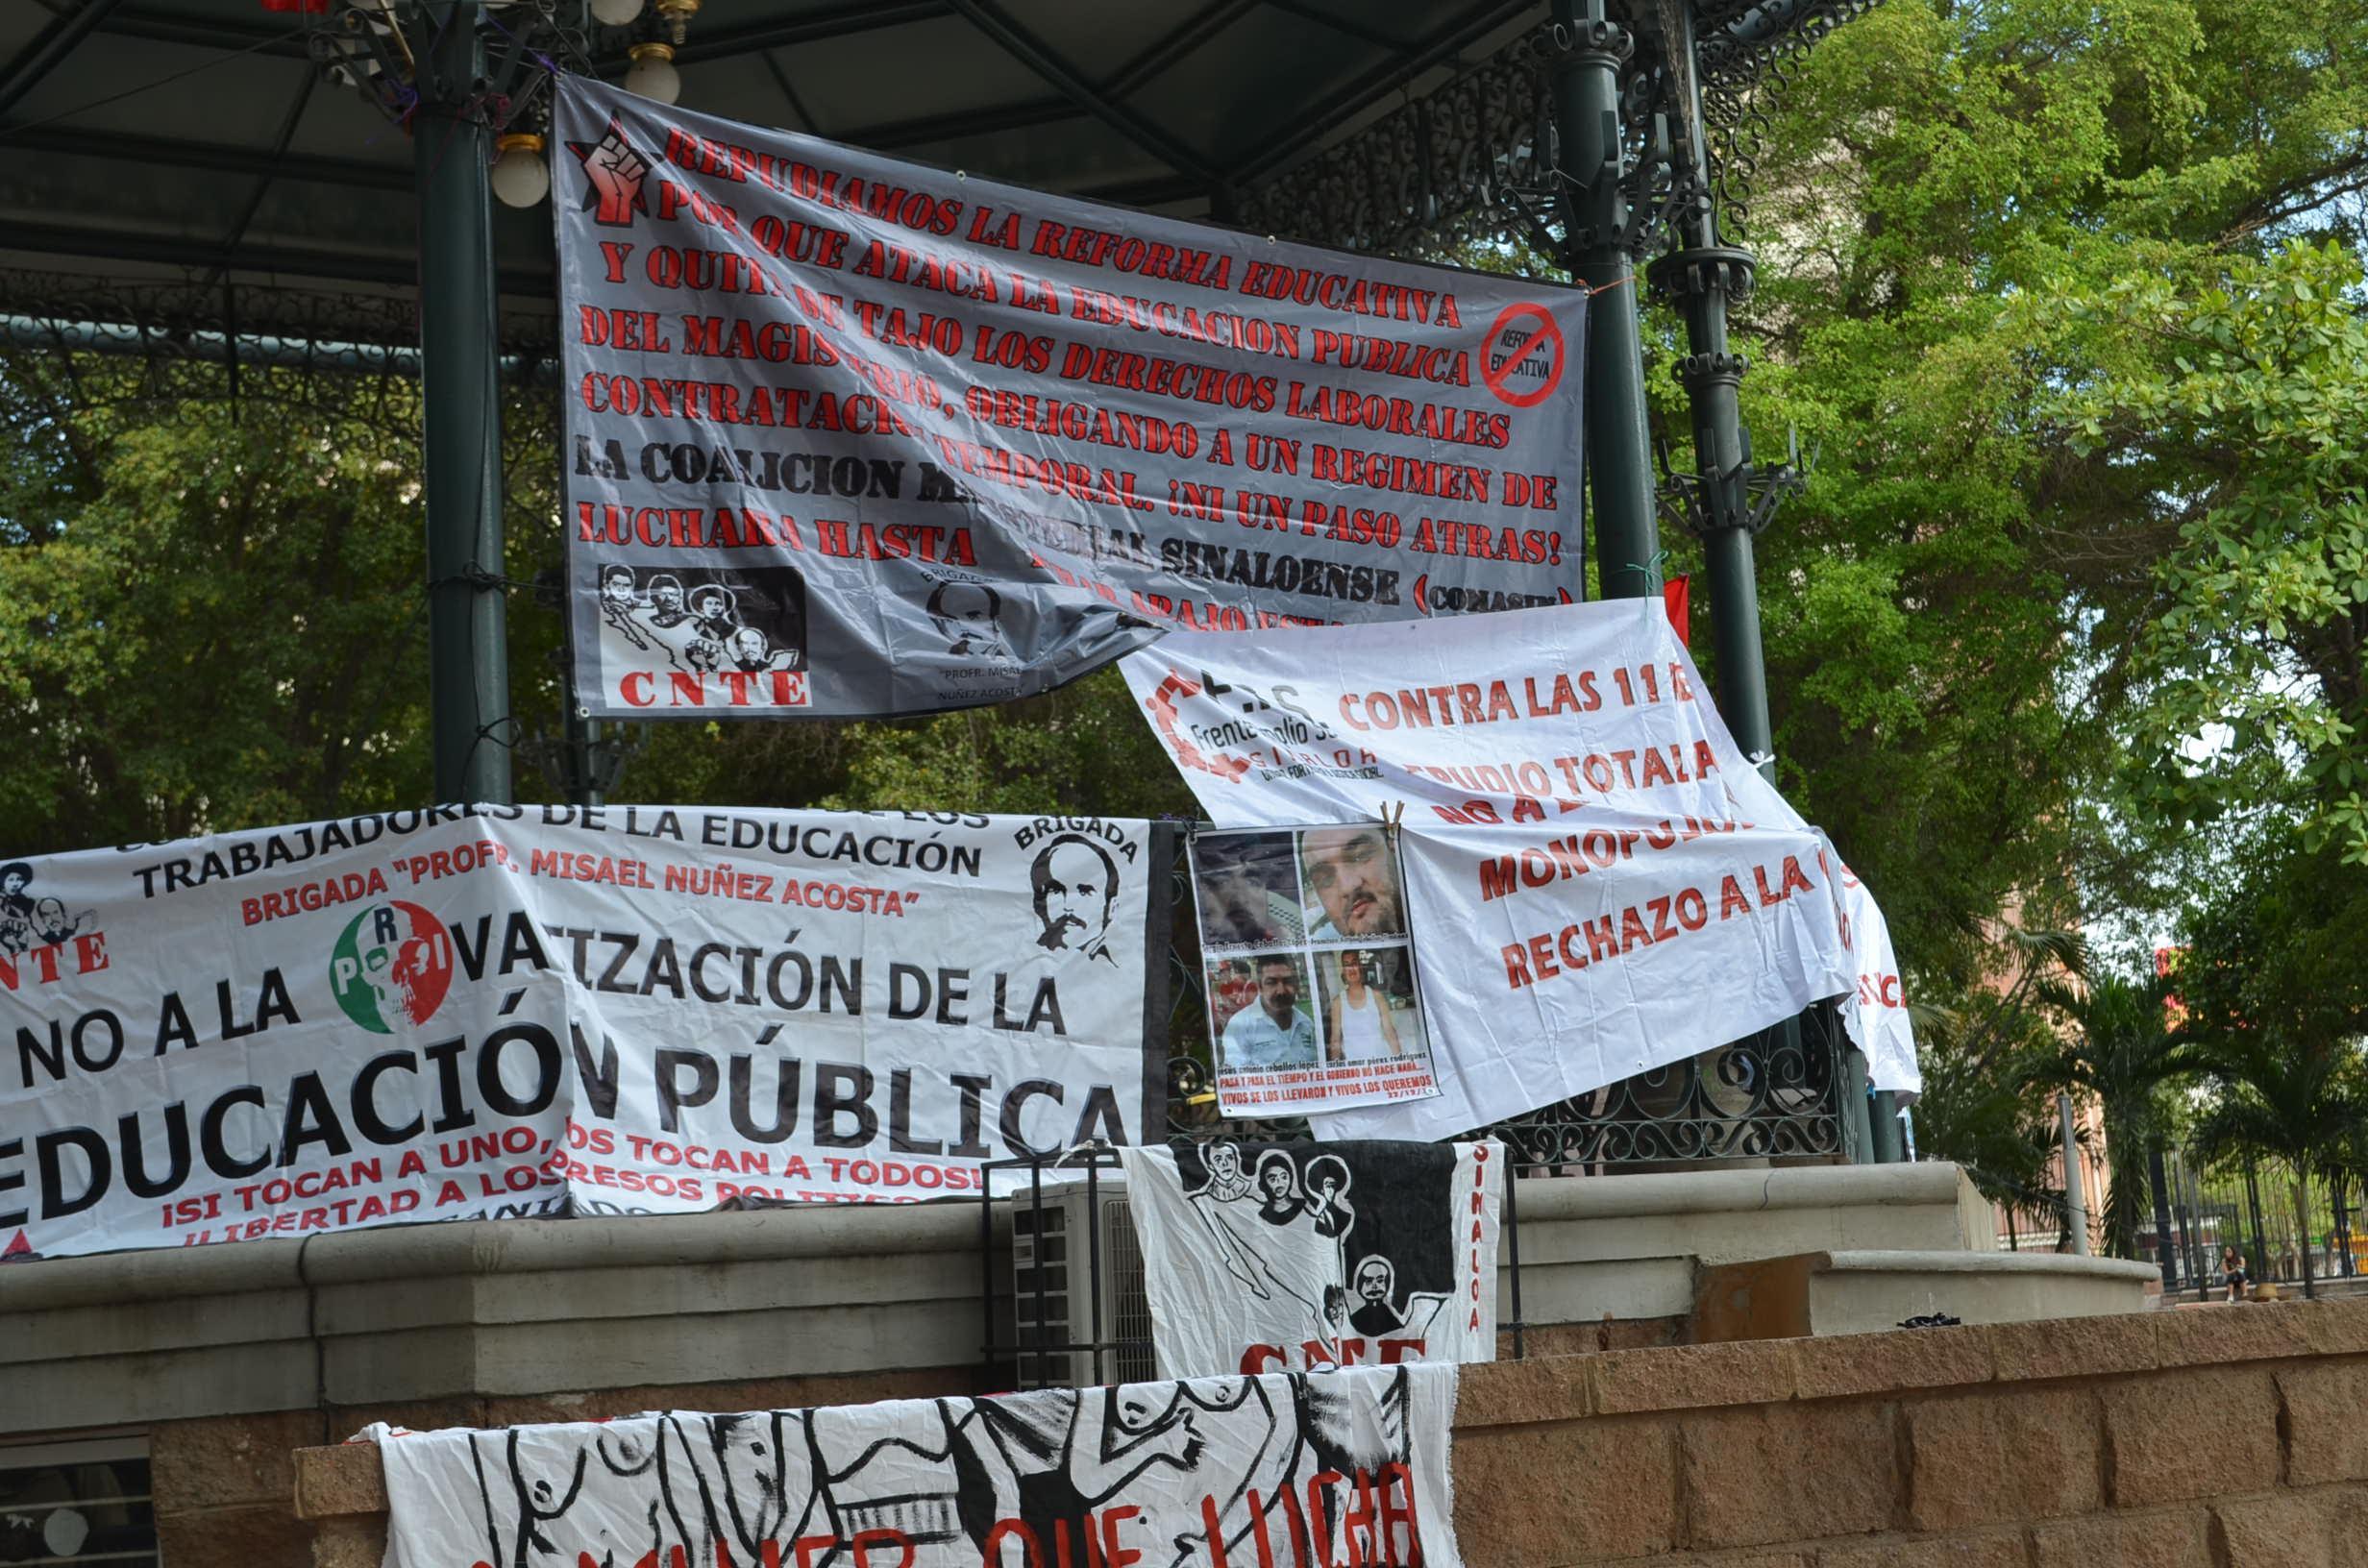 26 de mayo. Recuerdan las desapariciones de los 43 normalistas desaparecidos en Iguala.